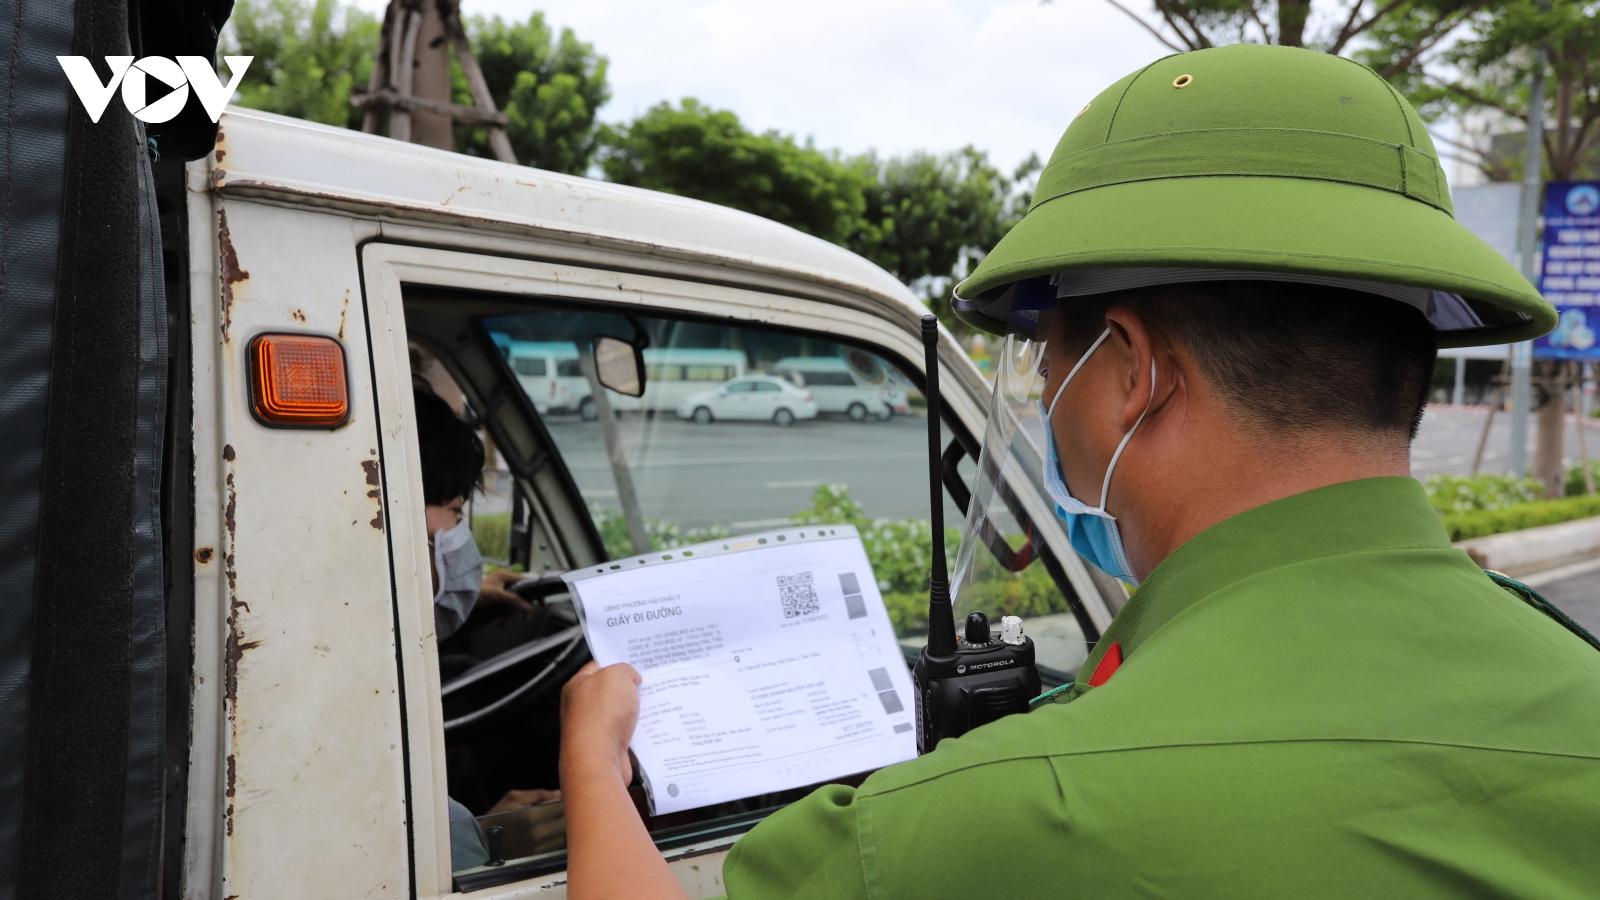 Đà Nẵng kiểm soát chặt việc cấp giấy đi đường, tạo thuận lợi cho người dân và doanh nghiệp